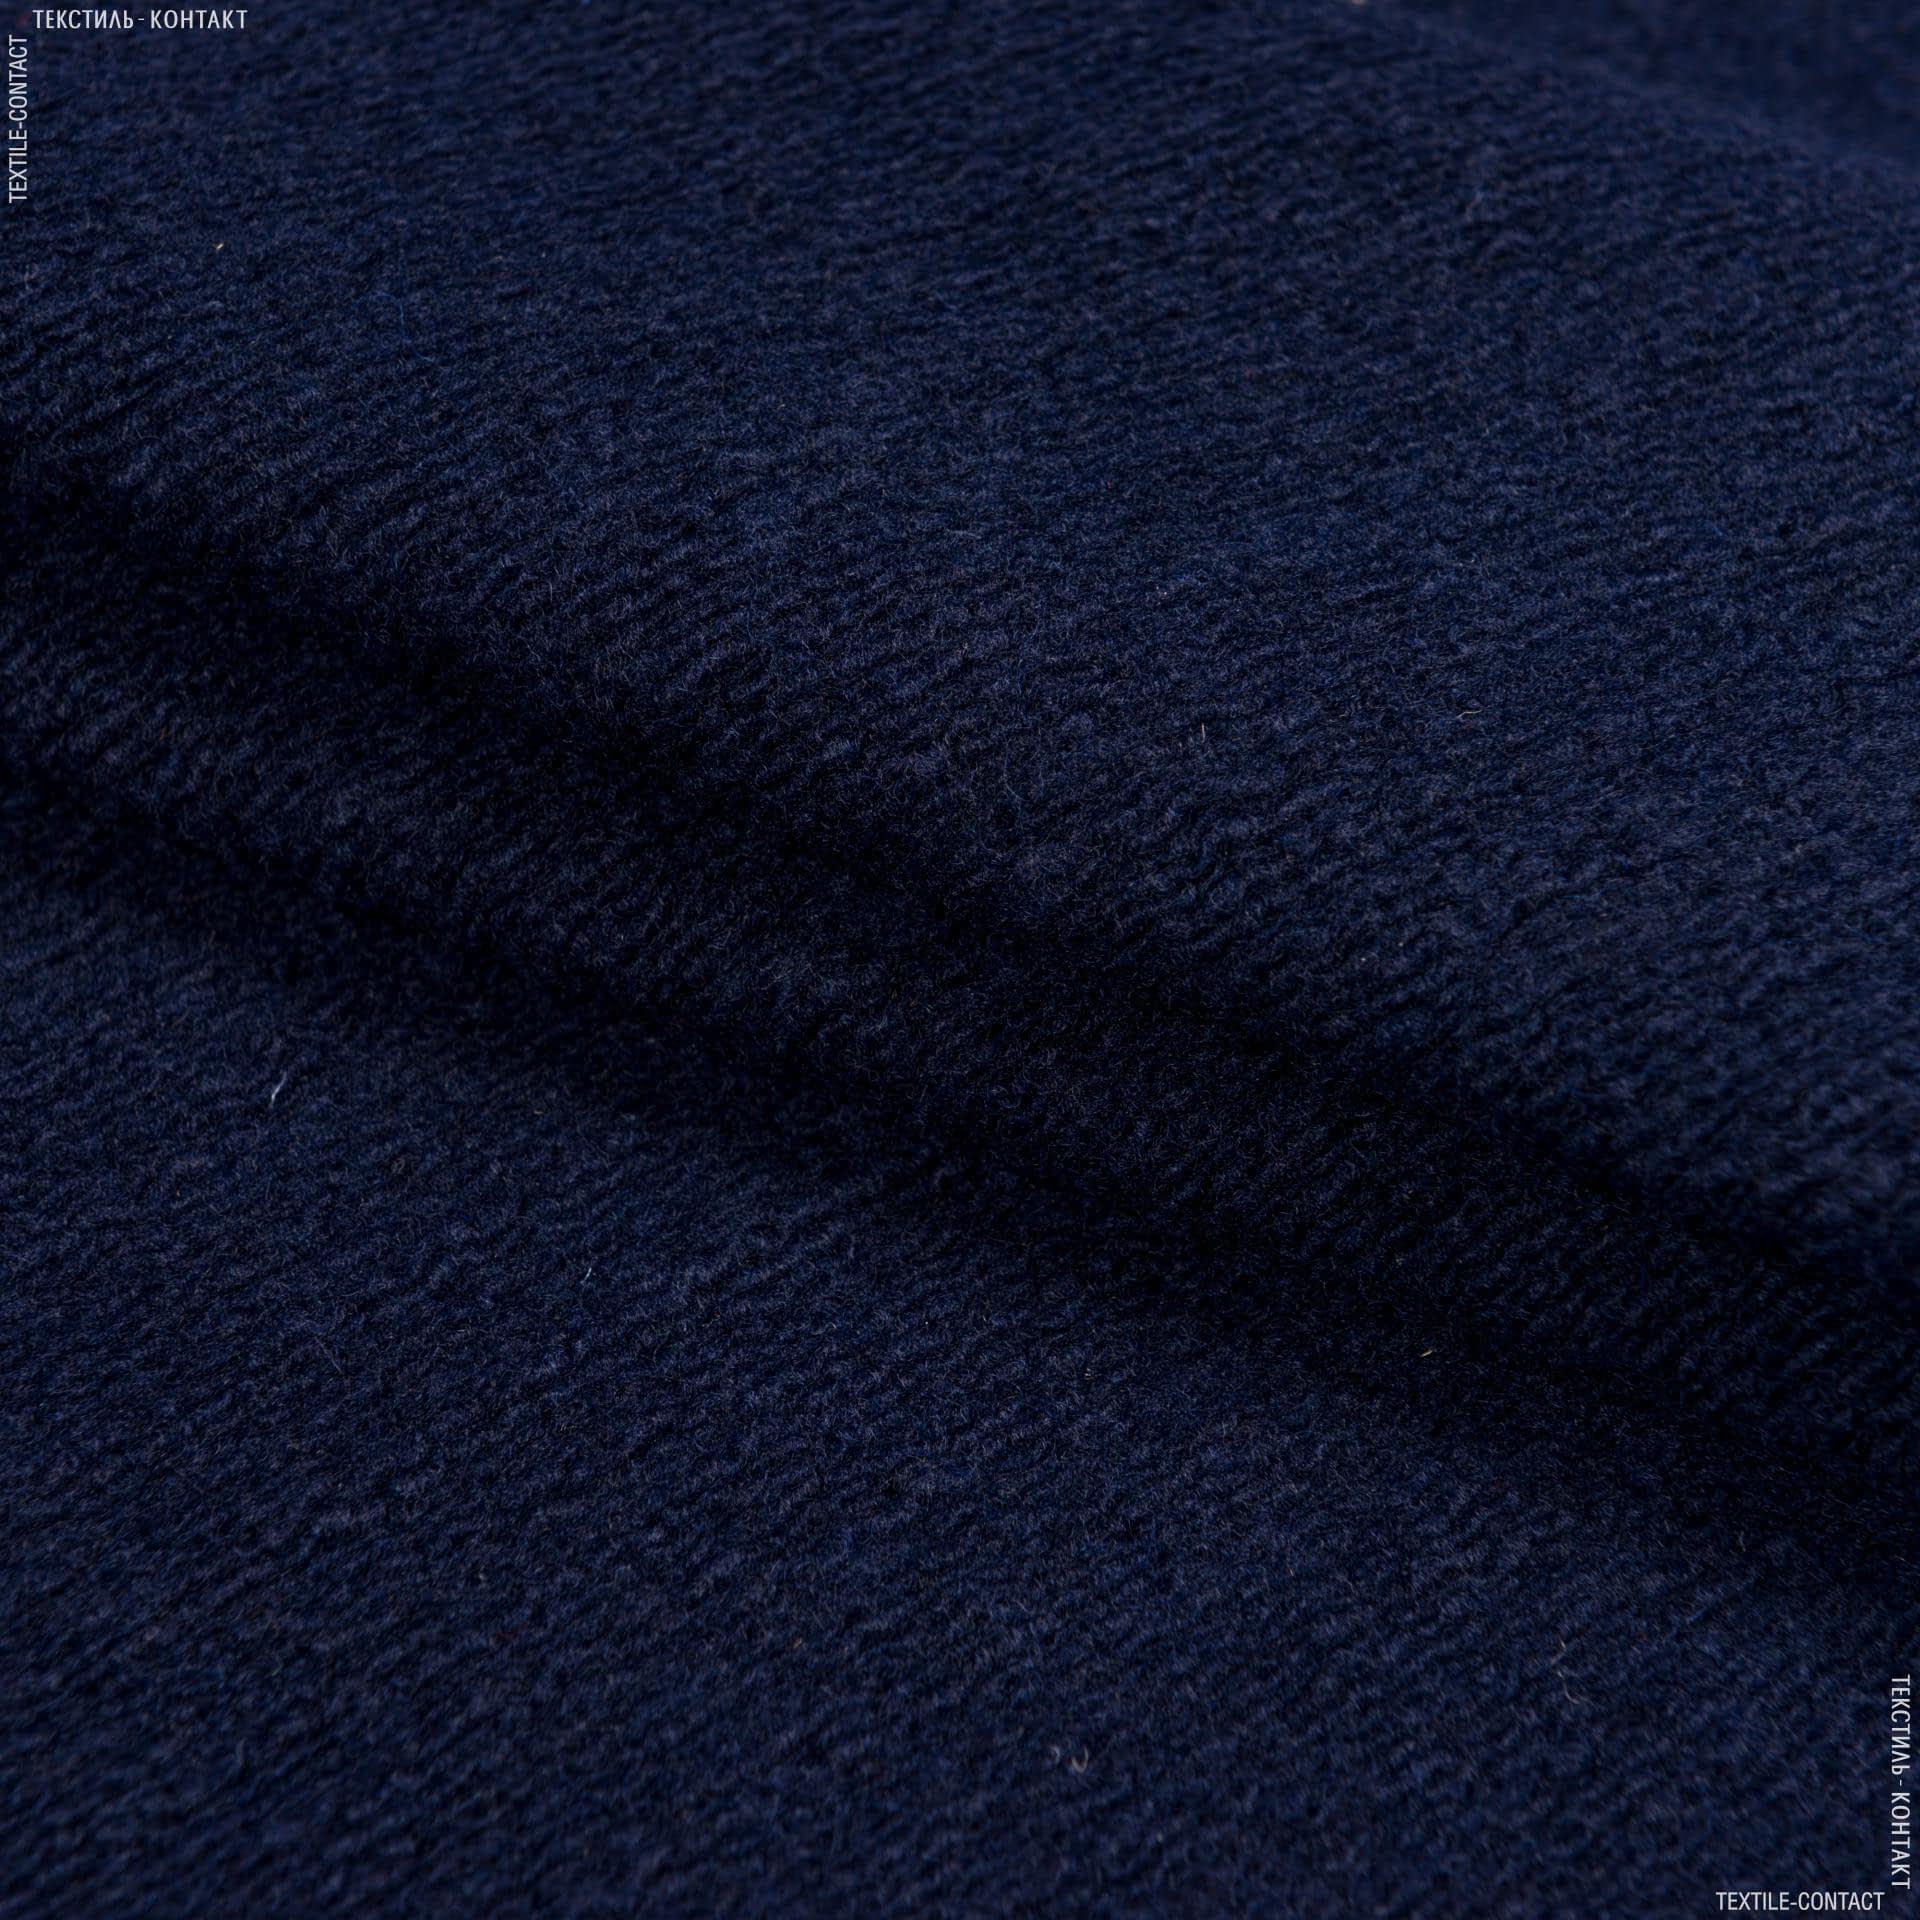 Ткани для верхней одежды - Трикотаж букле темно-синий